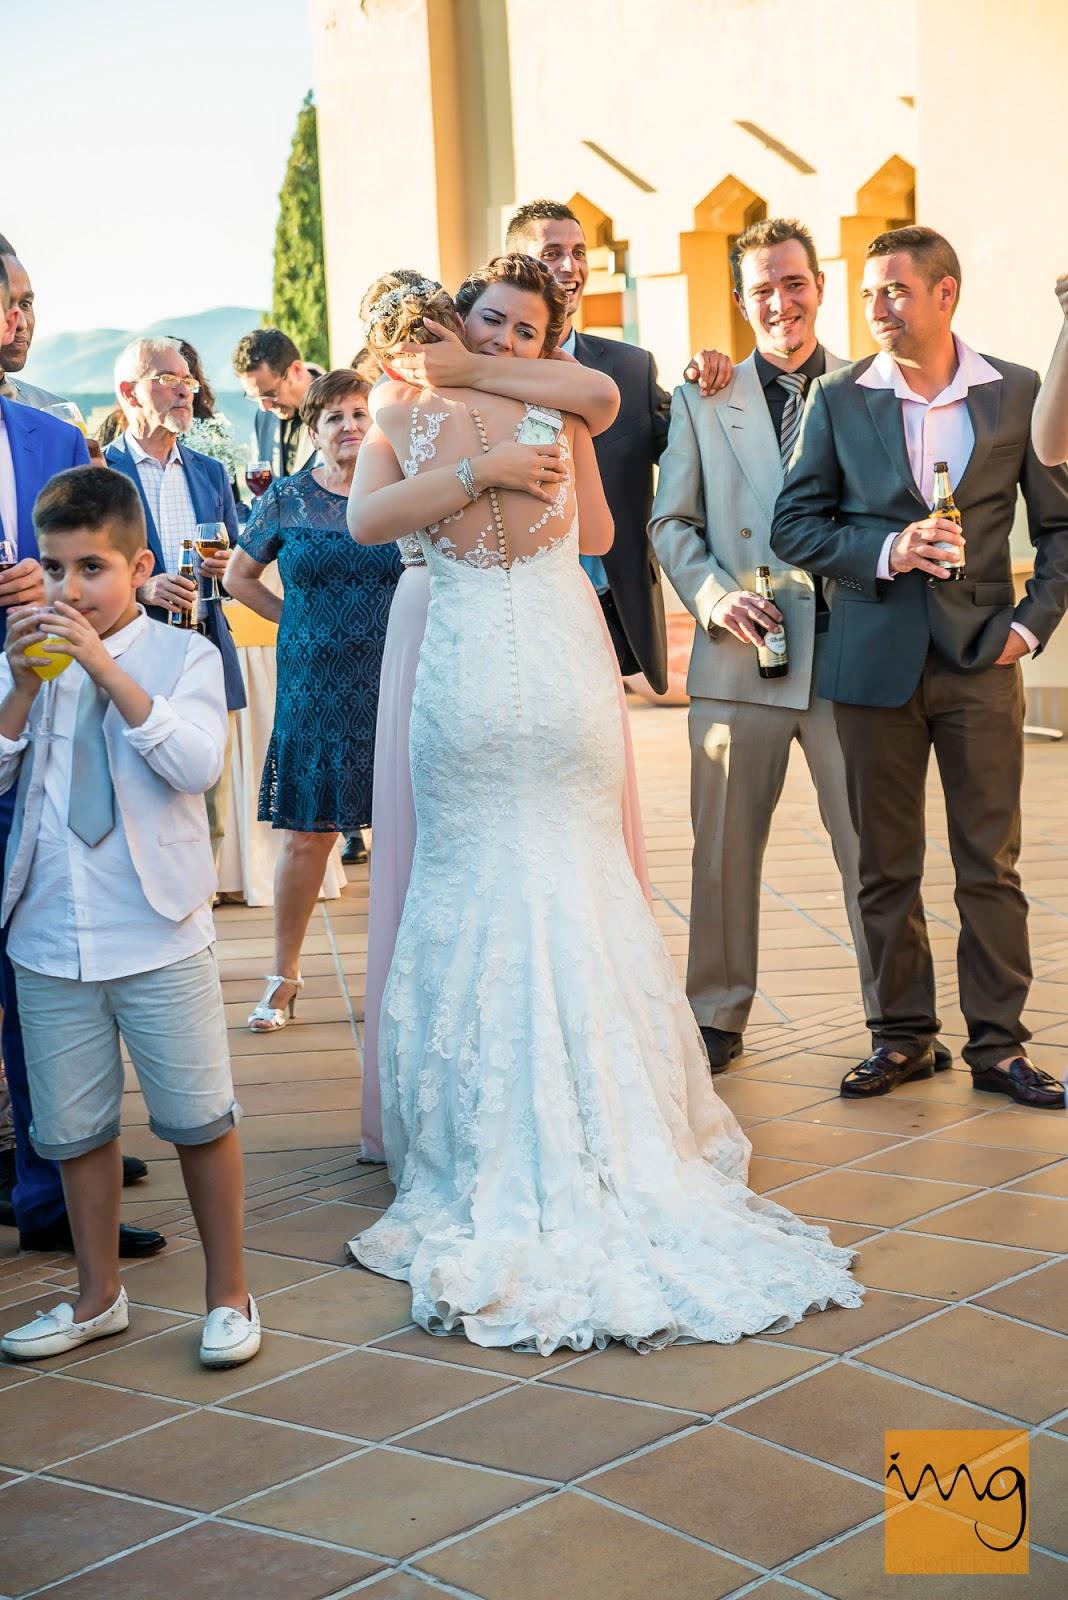 Fotografía de la novia y su hermana abrazándose el día de su boda.